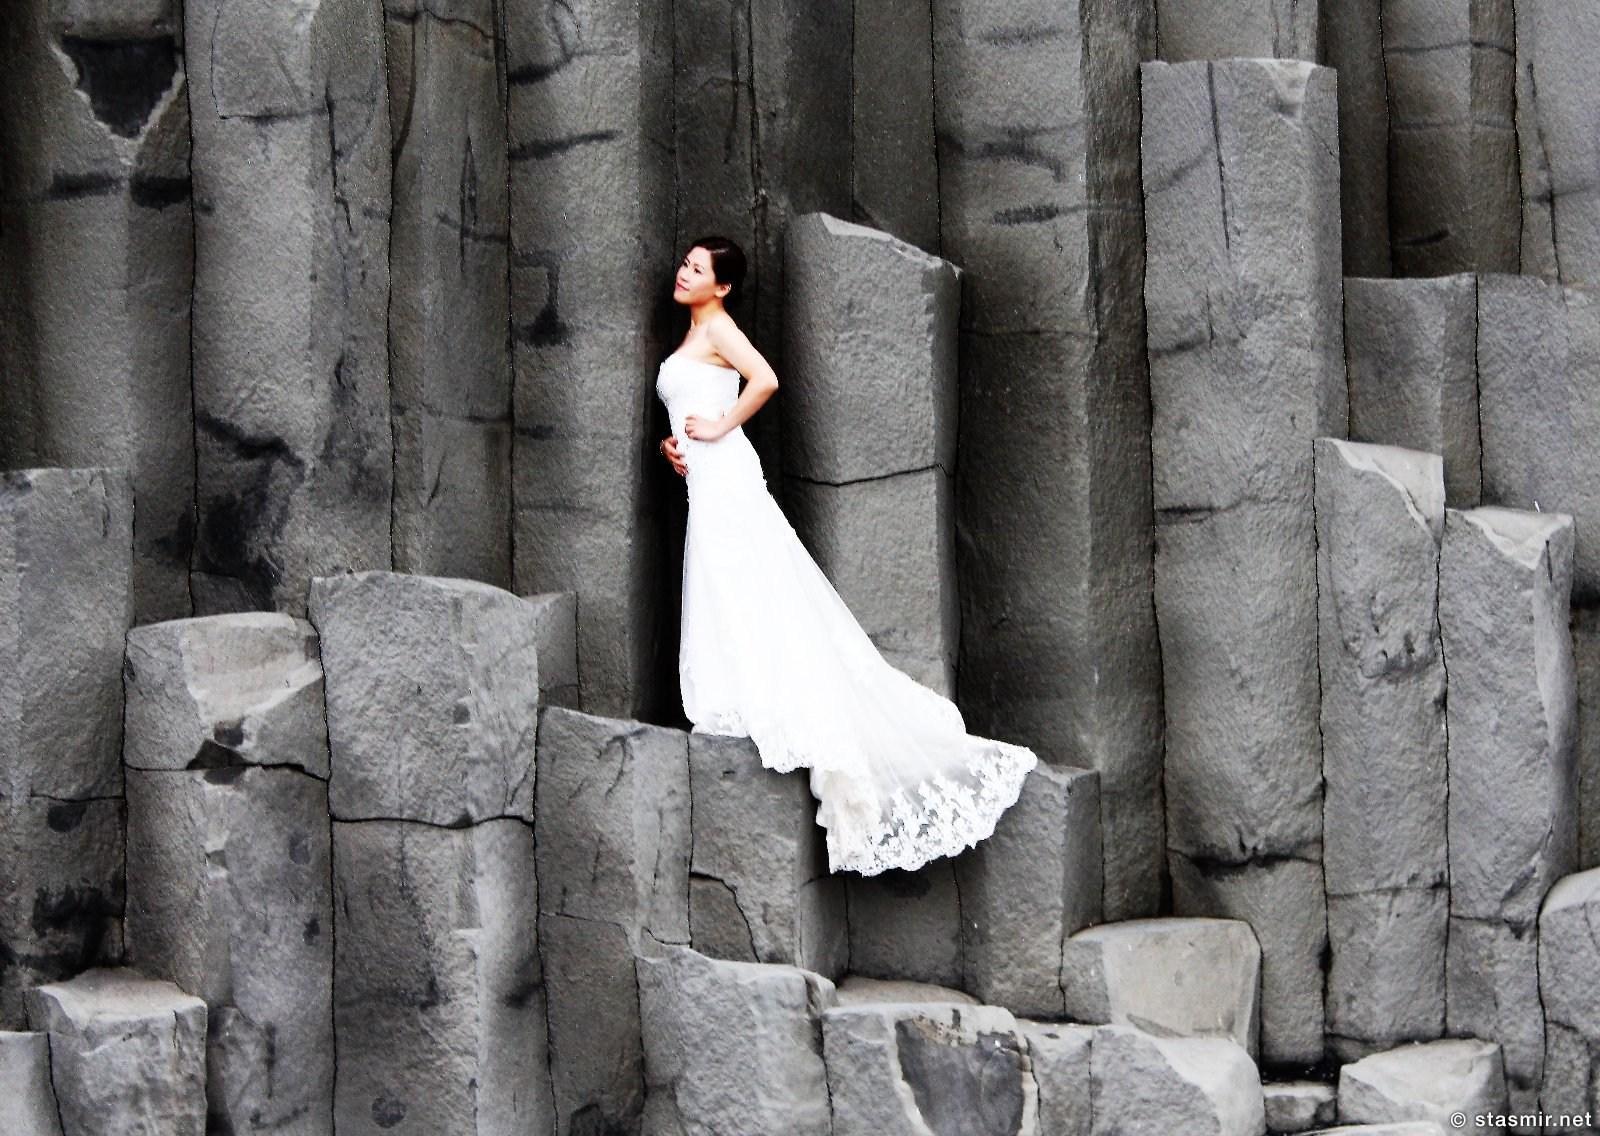 китайская невеста на базальтовых колоннах на пляже Рейнисфьяра рядом с Виком, Южная Исландия, фото Стасмир, photo Stasmir